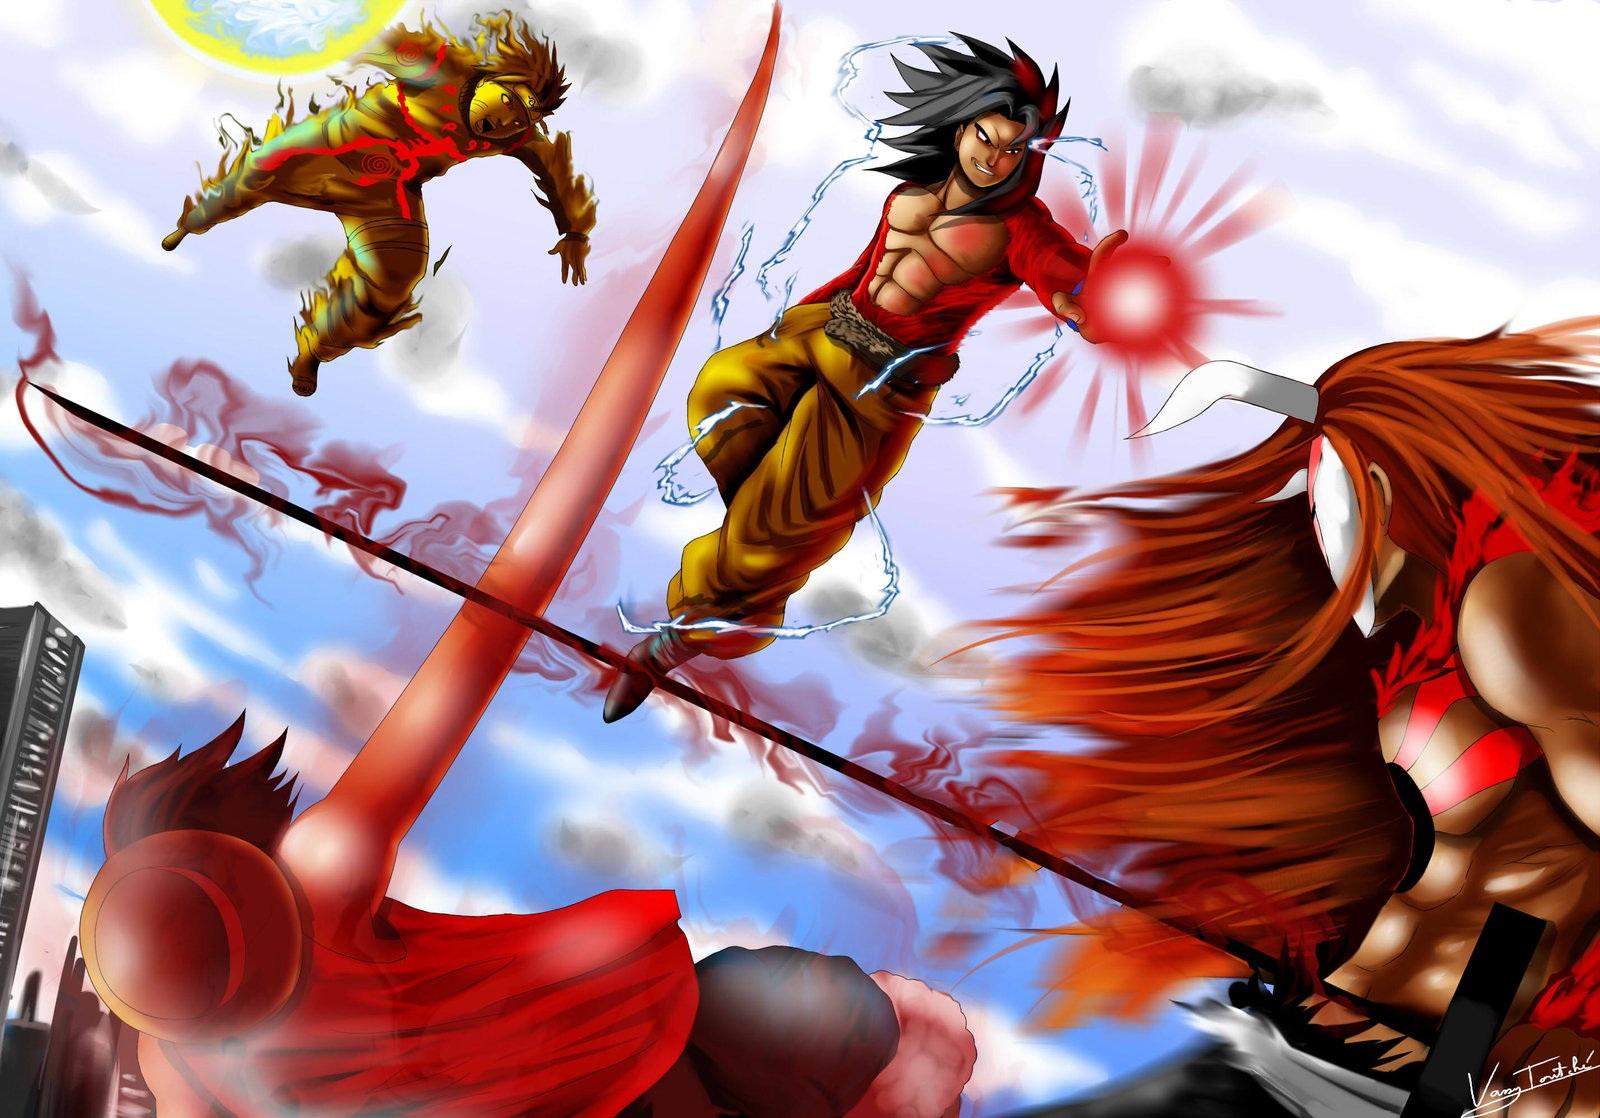 Image - Goku-vs-naruto-luffy-ichigo.jpg | FC/OC Vs Battles ...